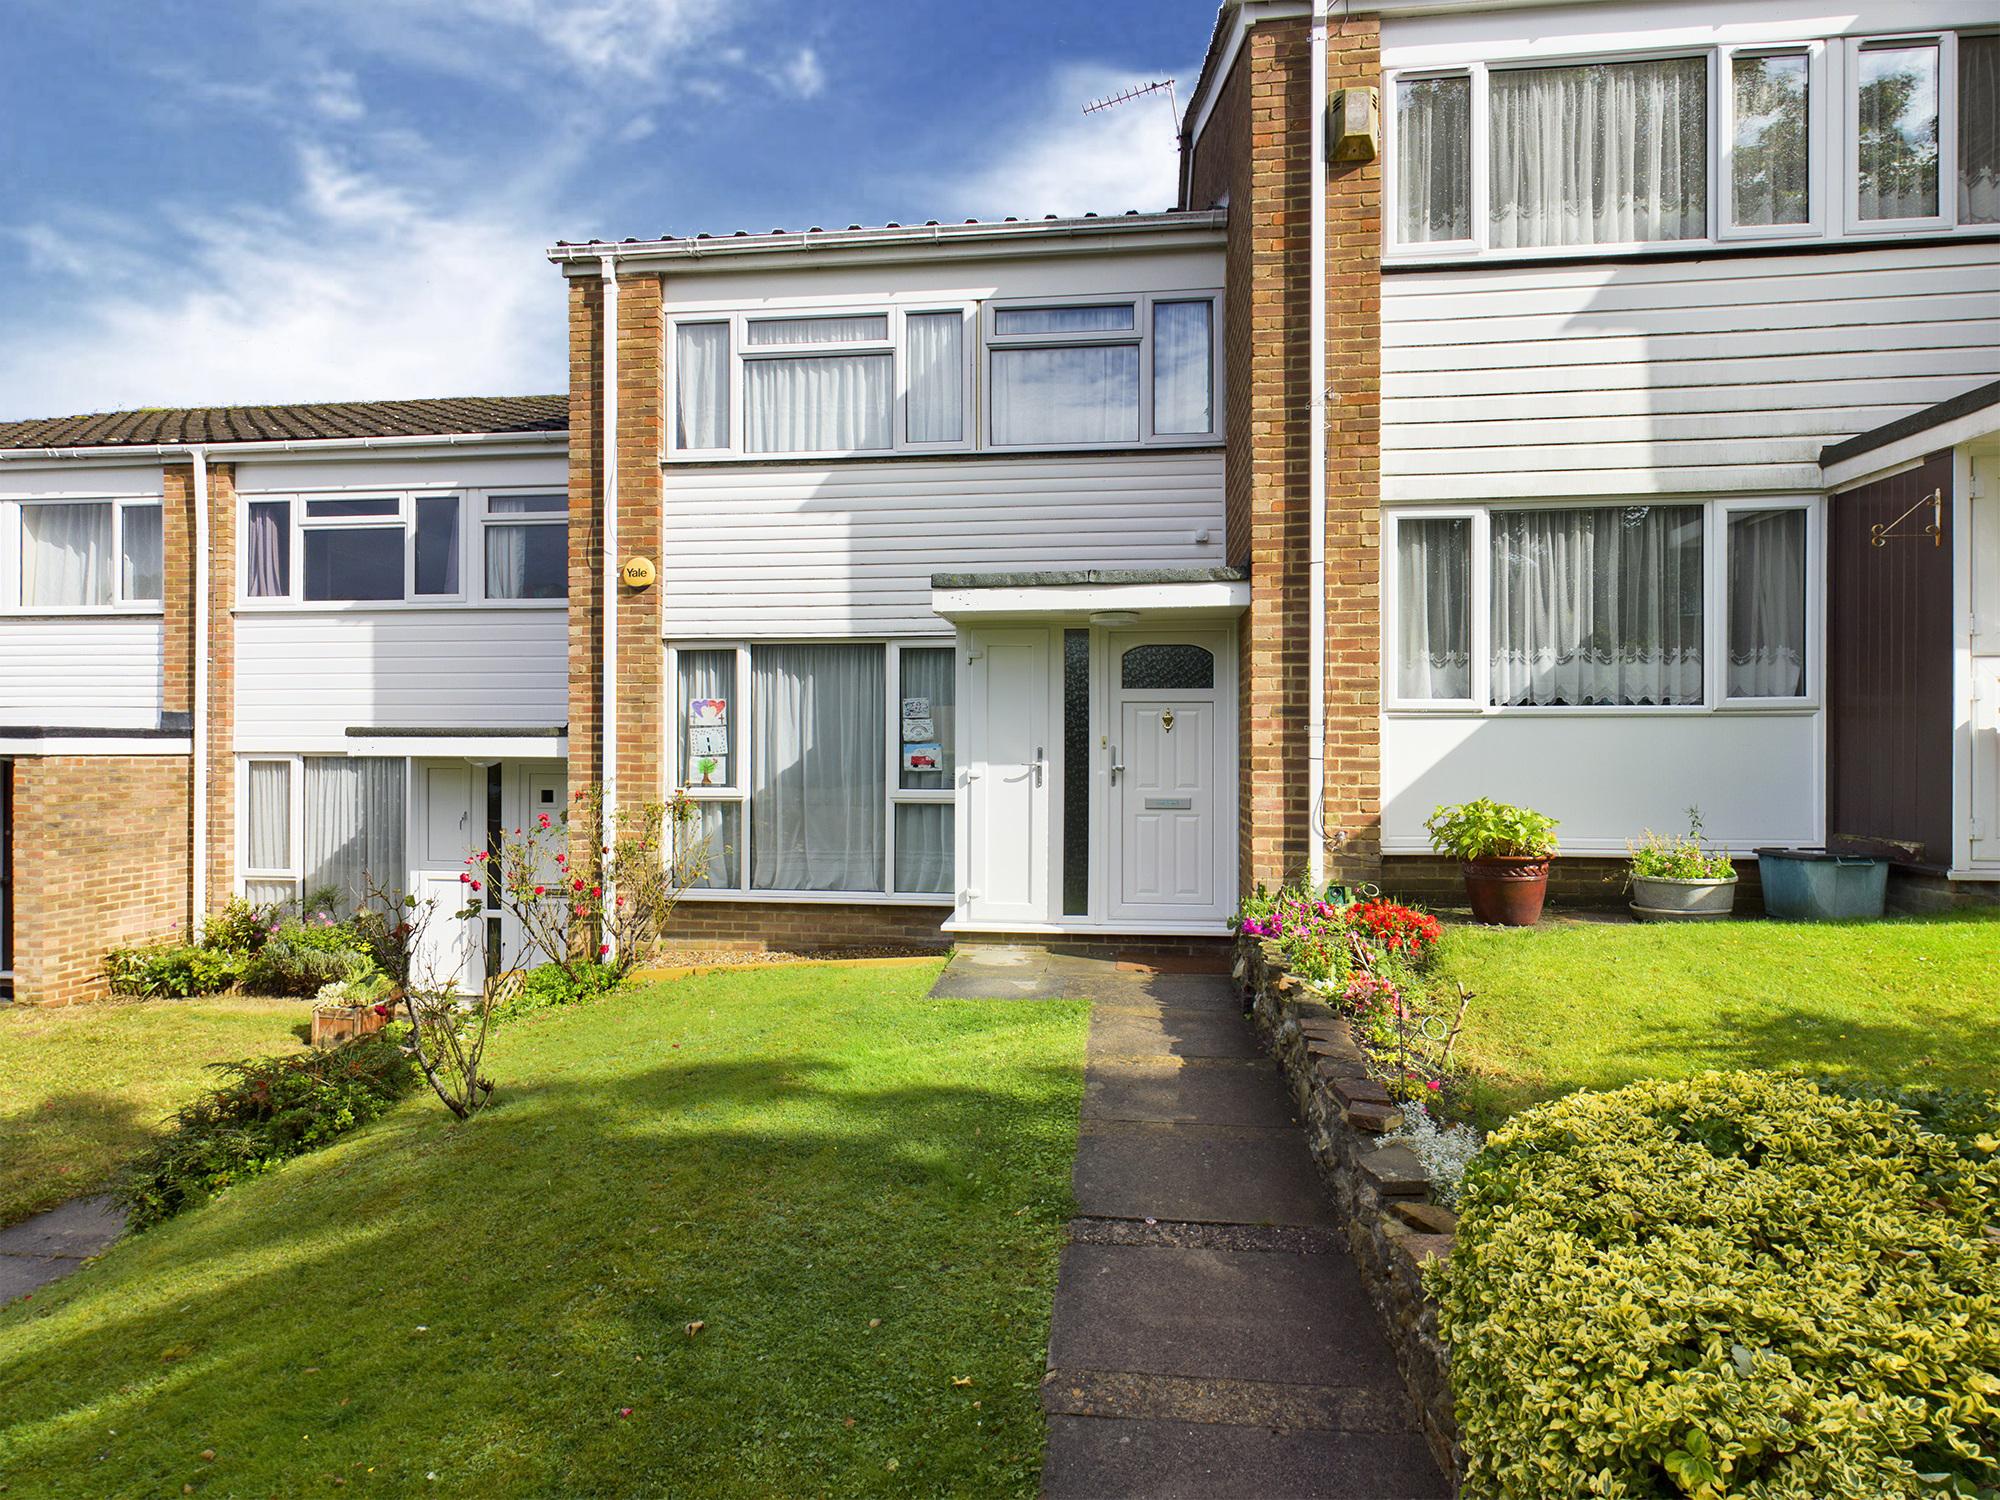 Osward, Courtwood Lane, Croydon